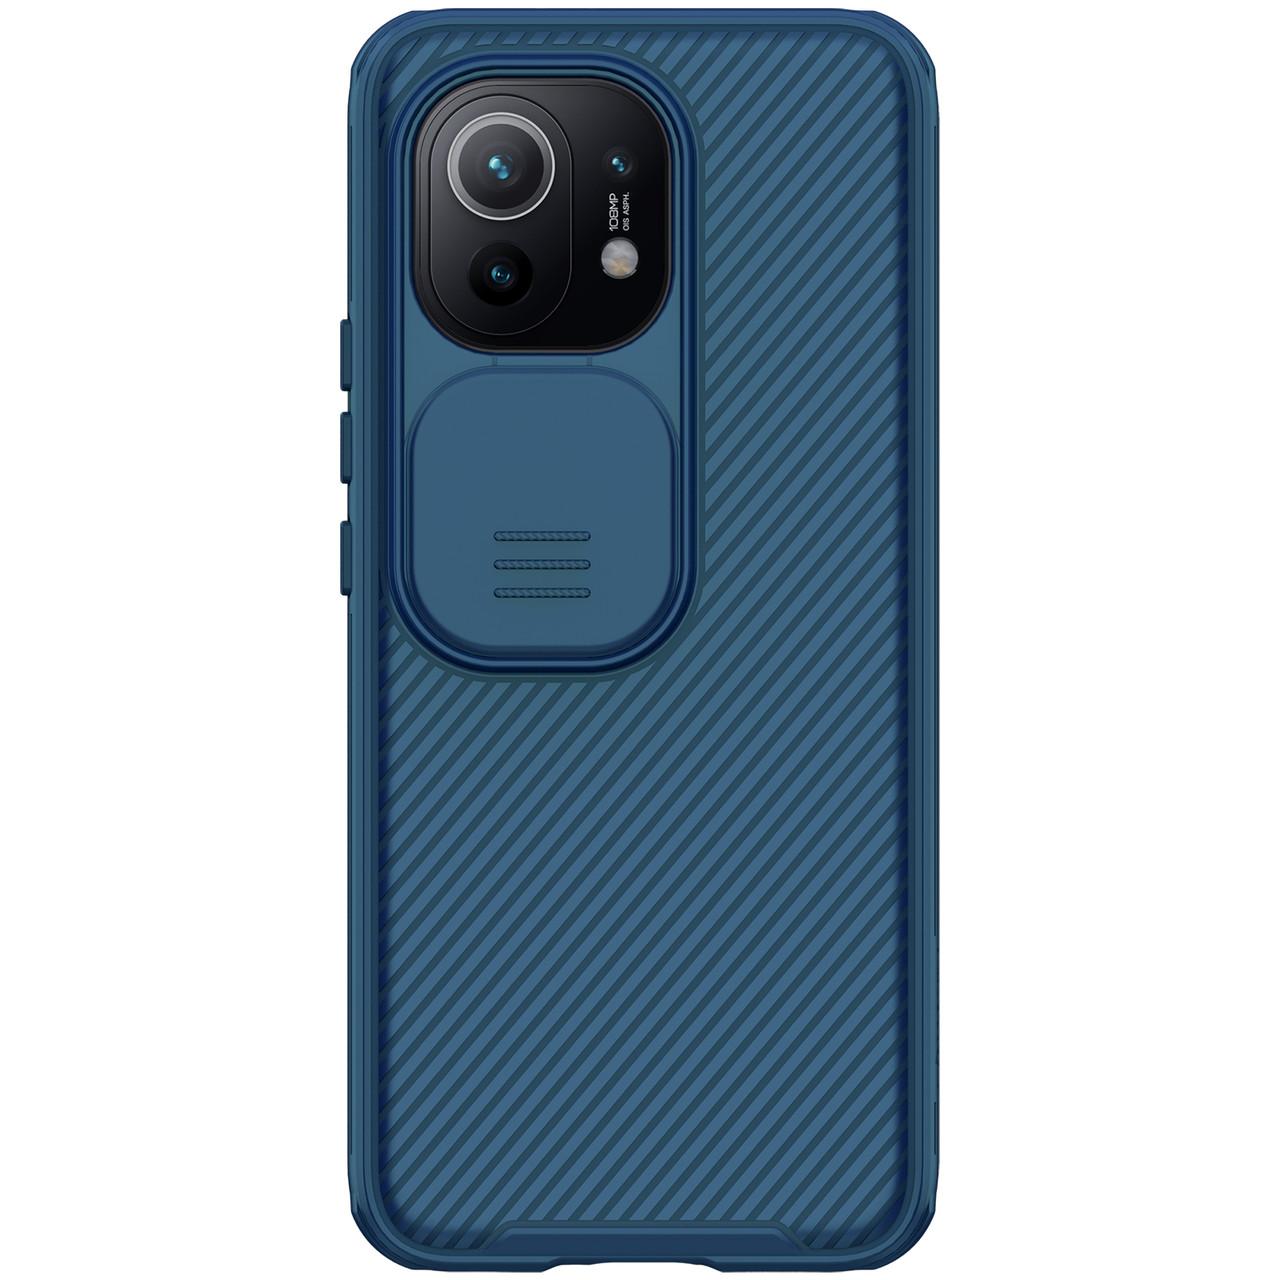 Захисний чохол Nillkin для Xiaomi Mi 11 (CamShield Pro Case) Blue з захистом камери